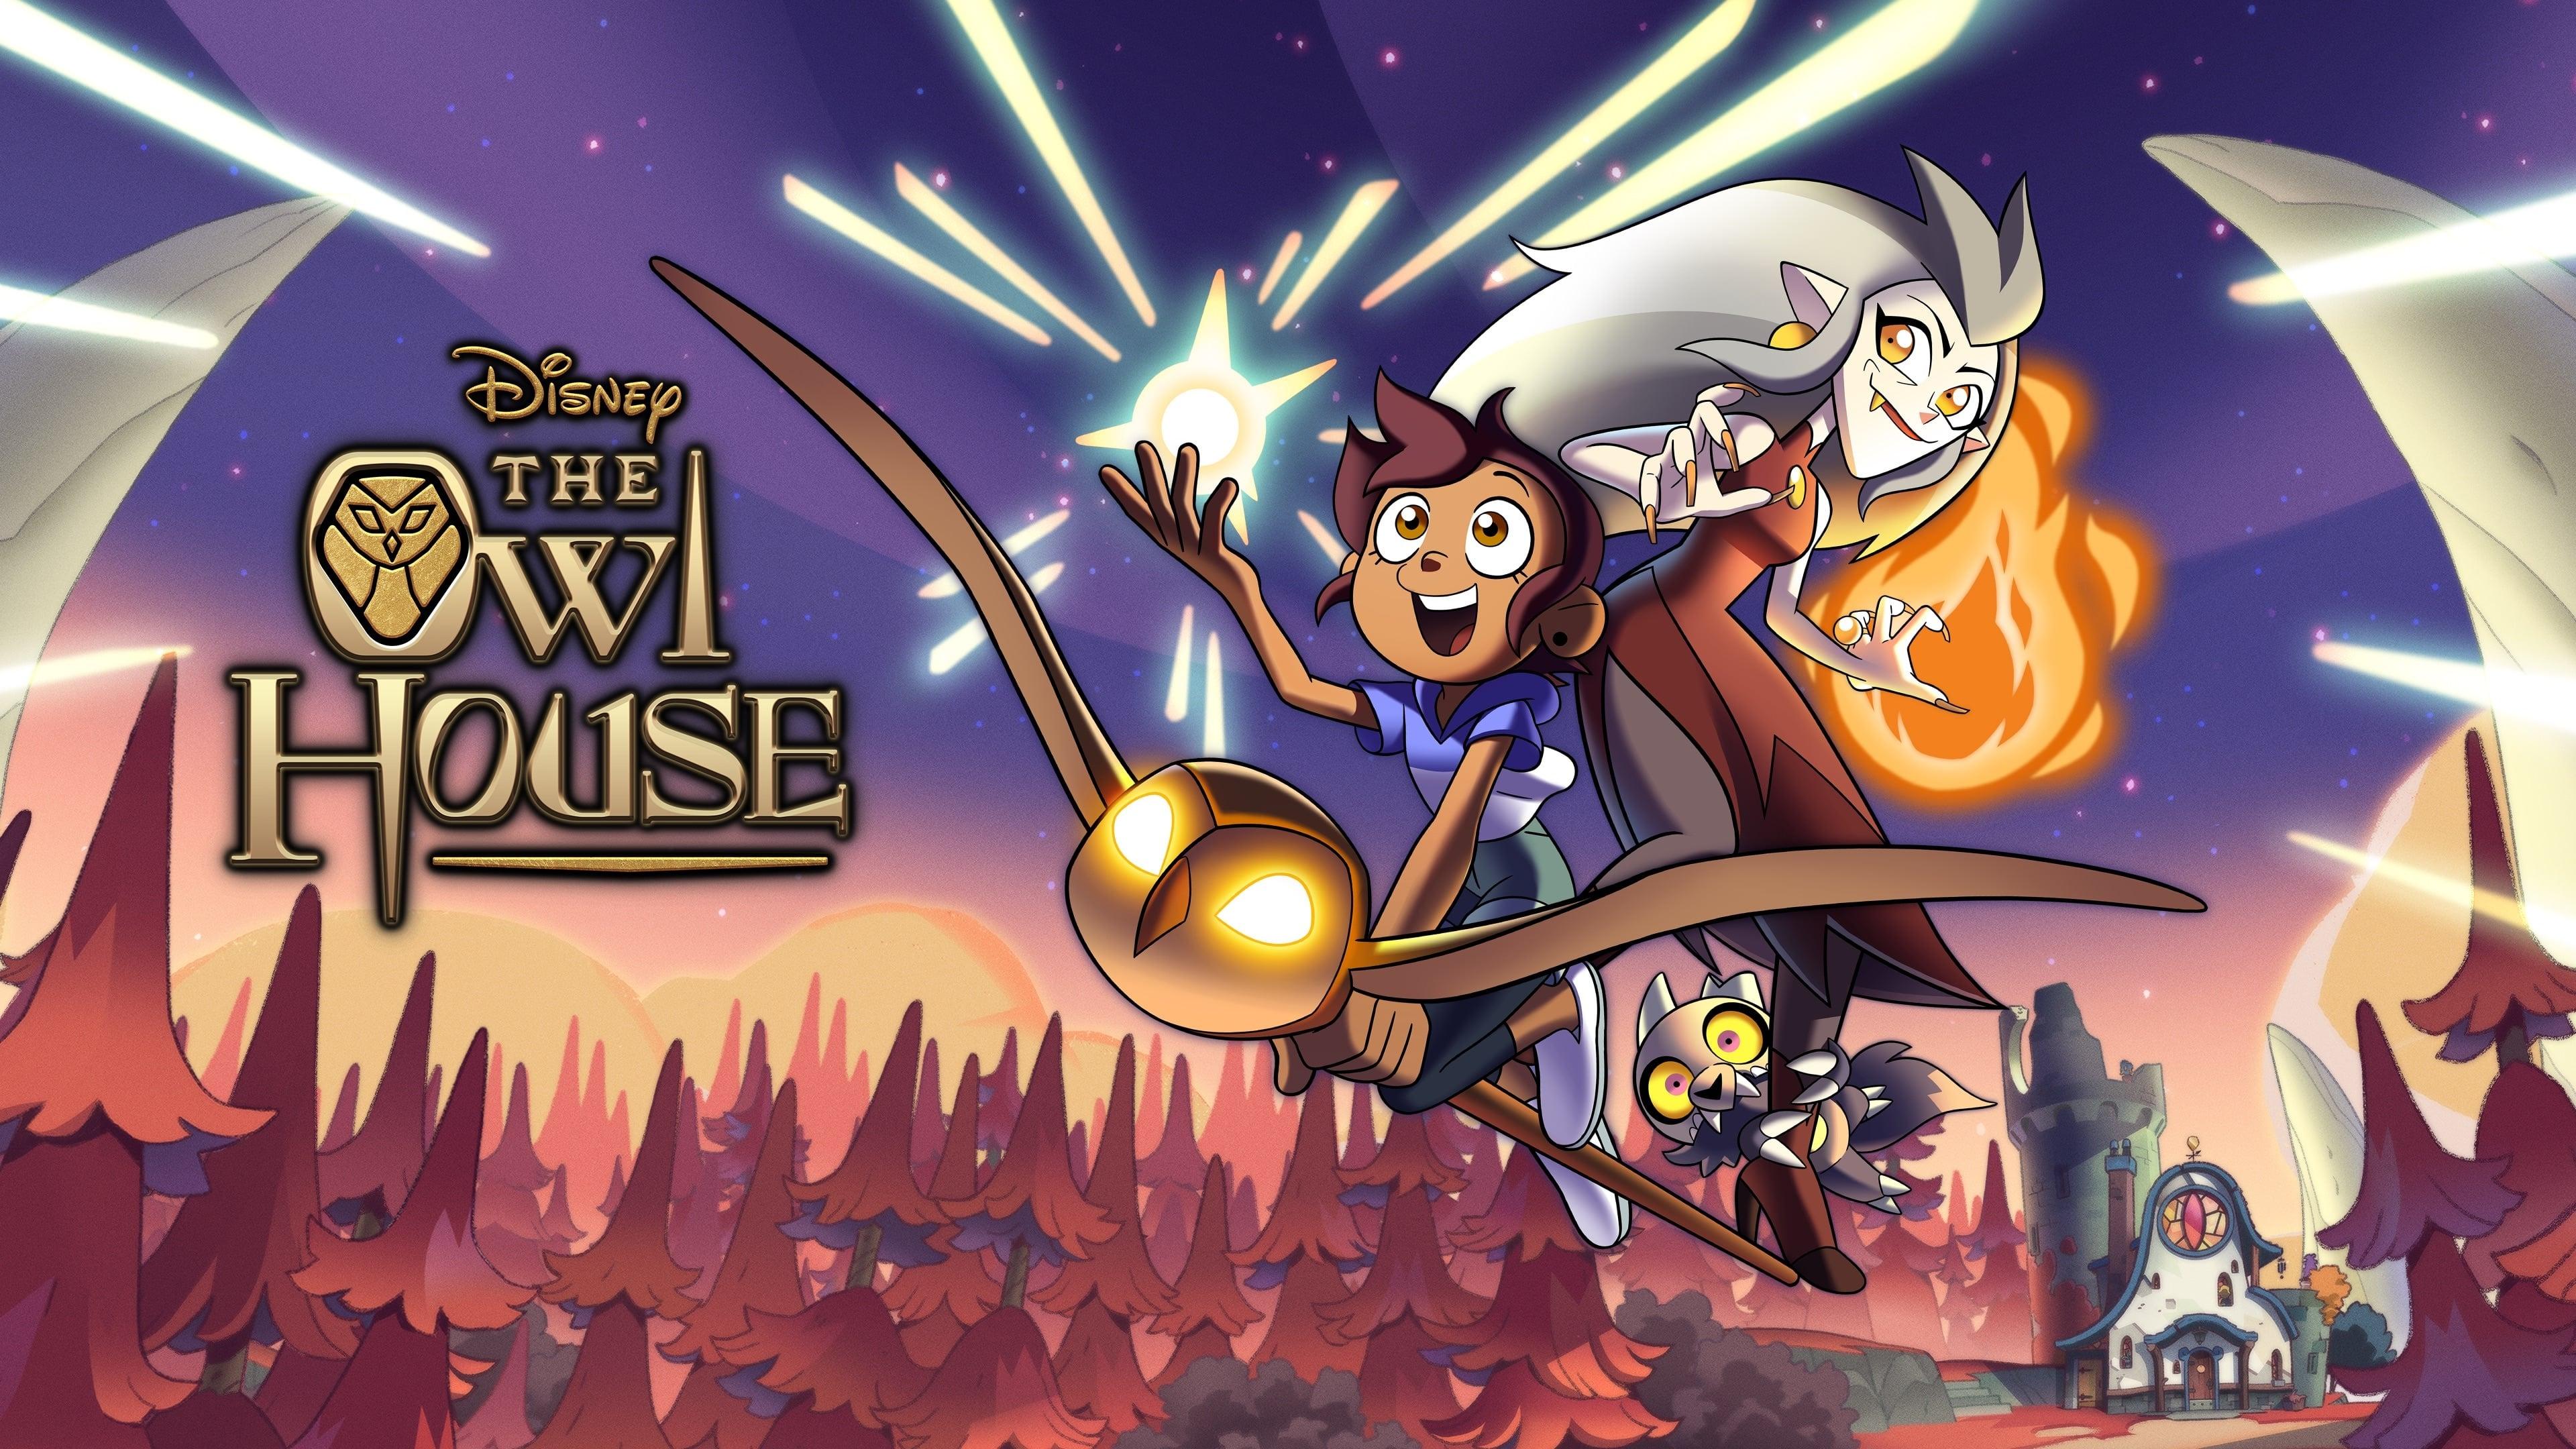 [STREAM!] The Owl House Season 2 Episode 3 FULL